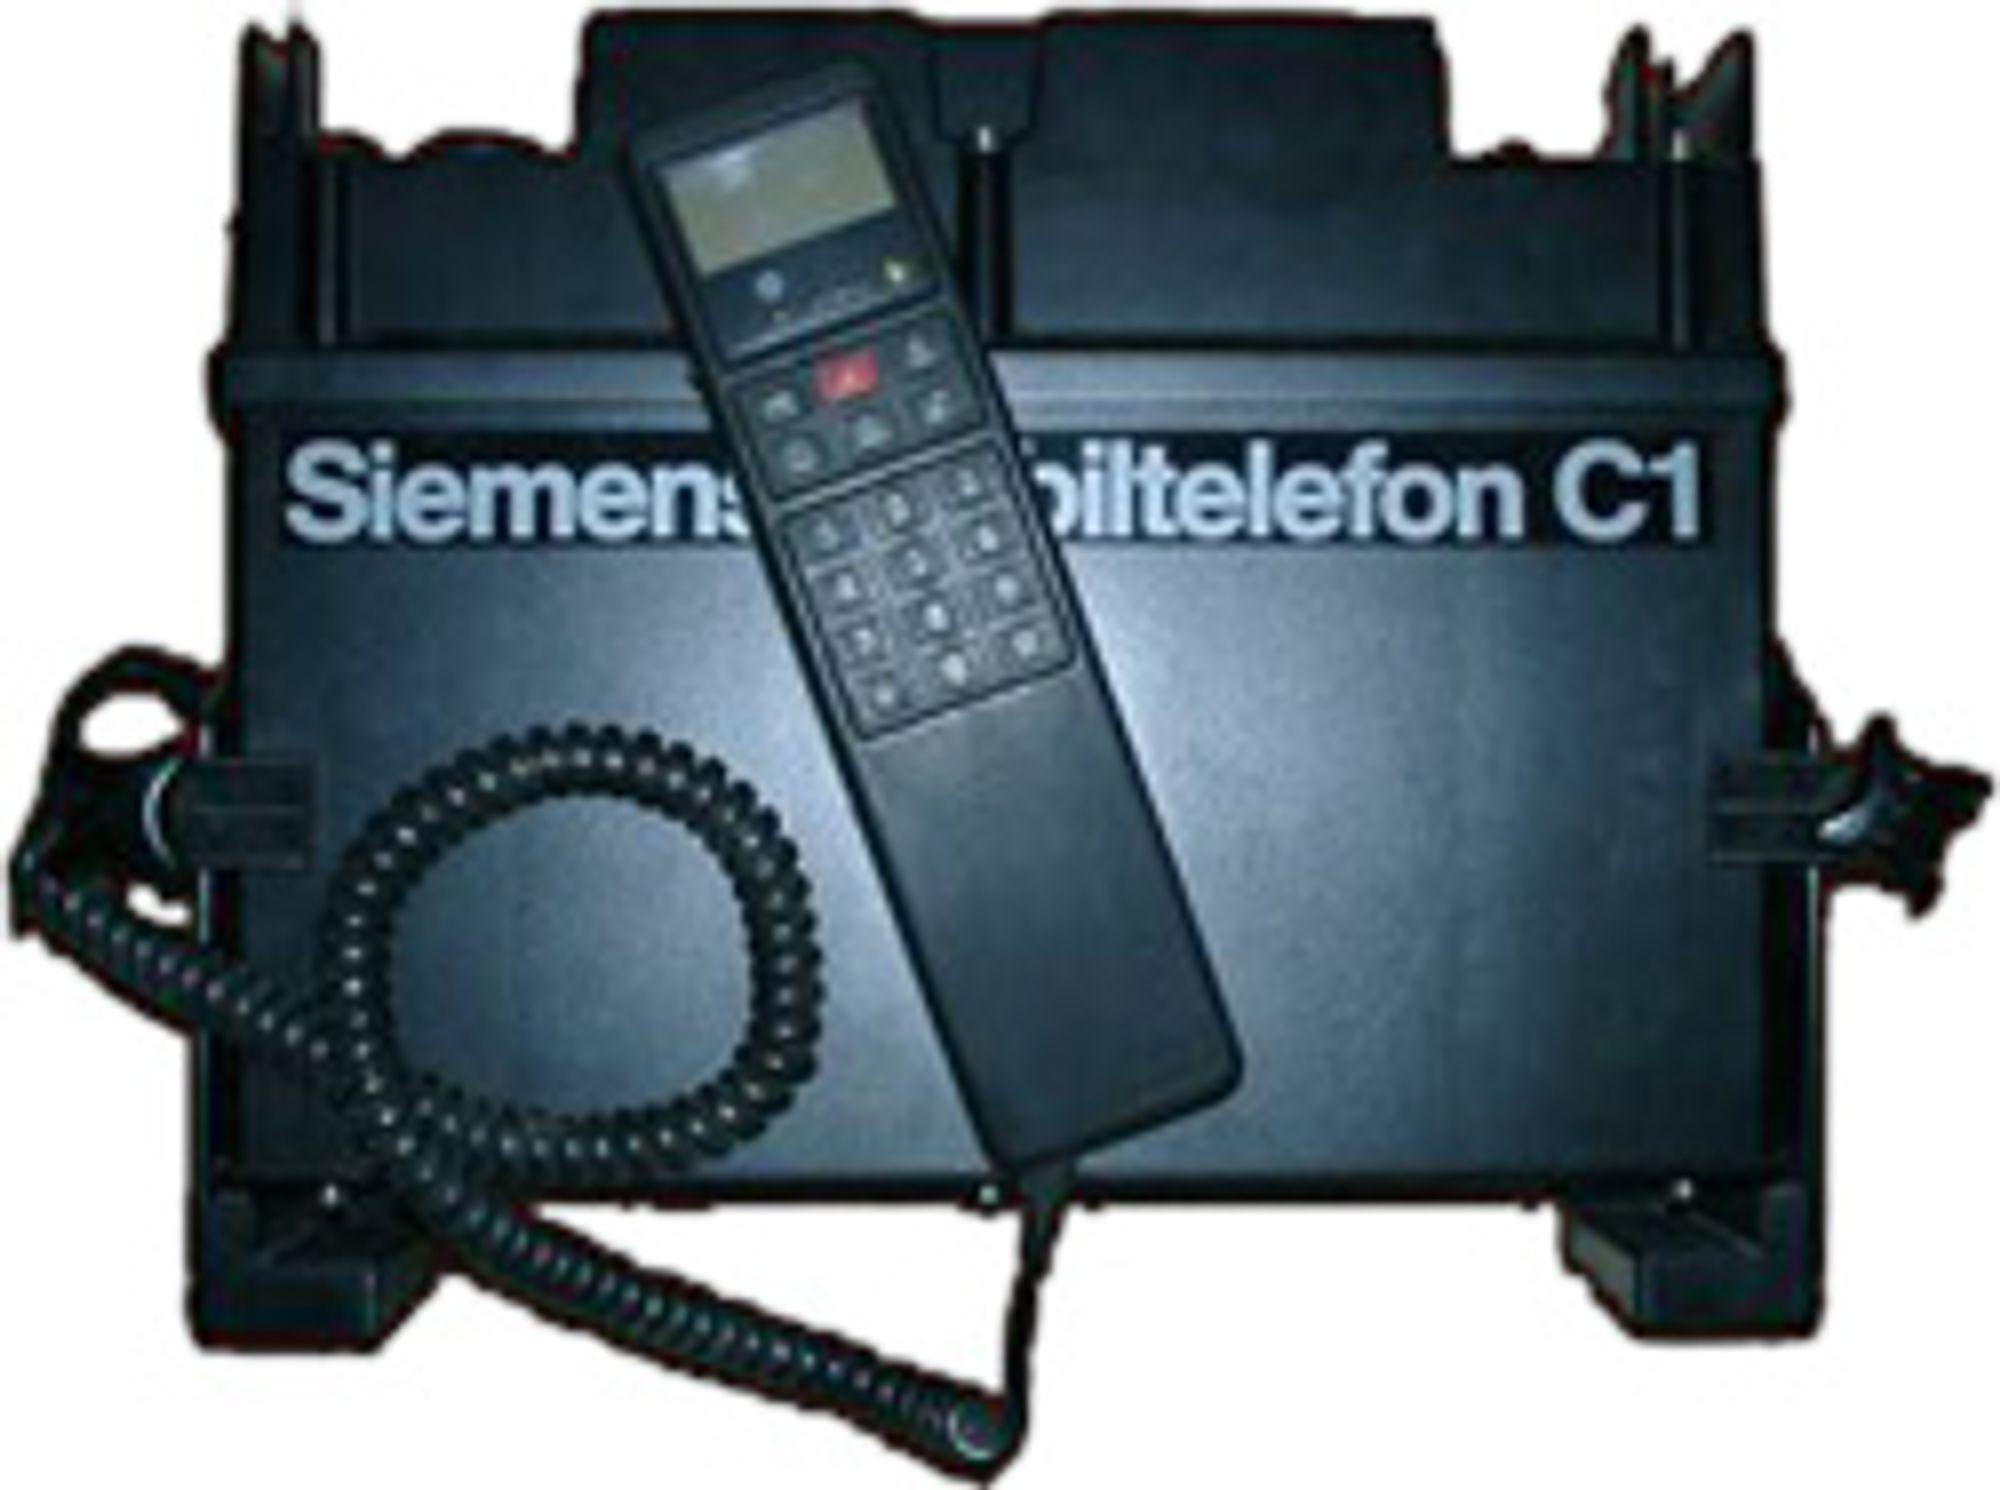 Siemens Mobiltelefon C1 var selskapets første mobiltelefon.